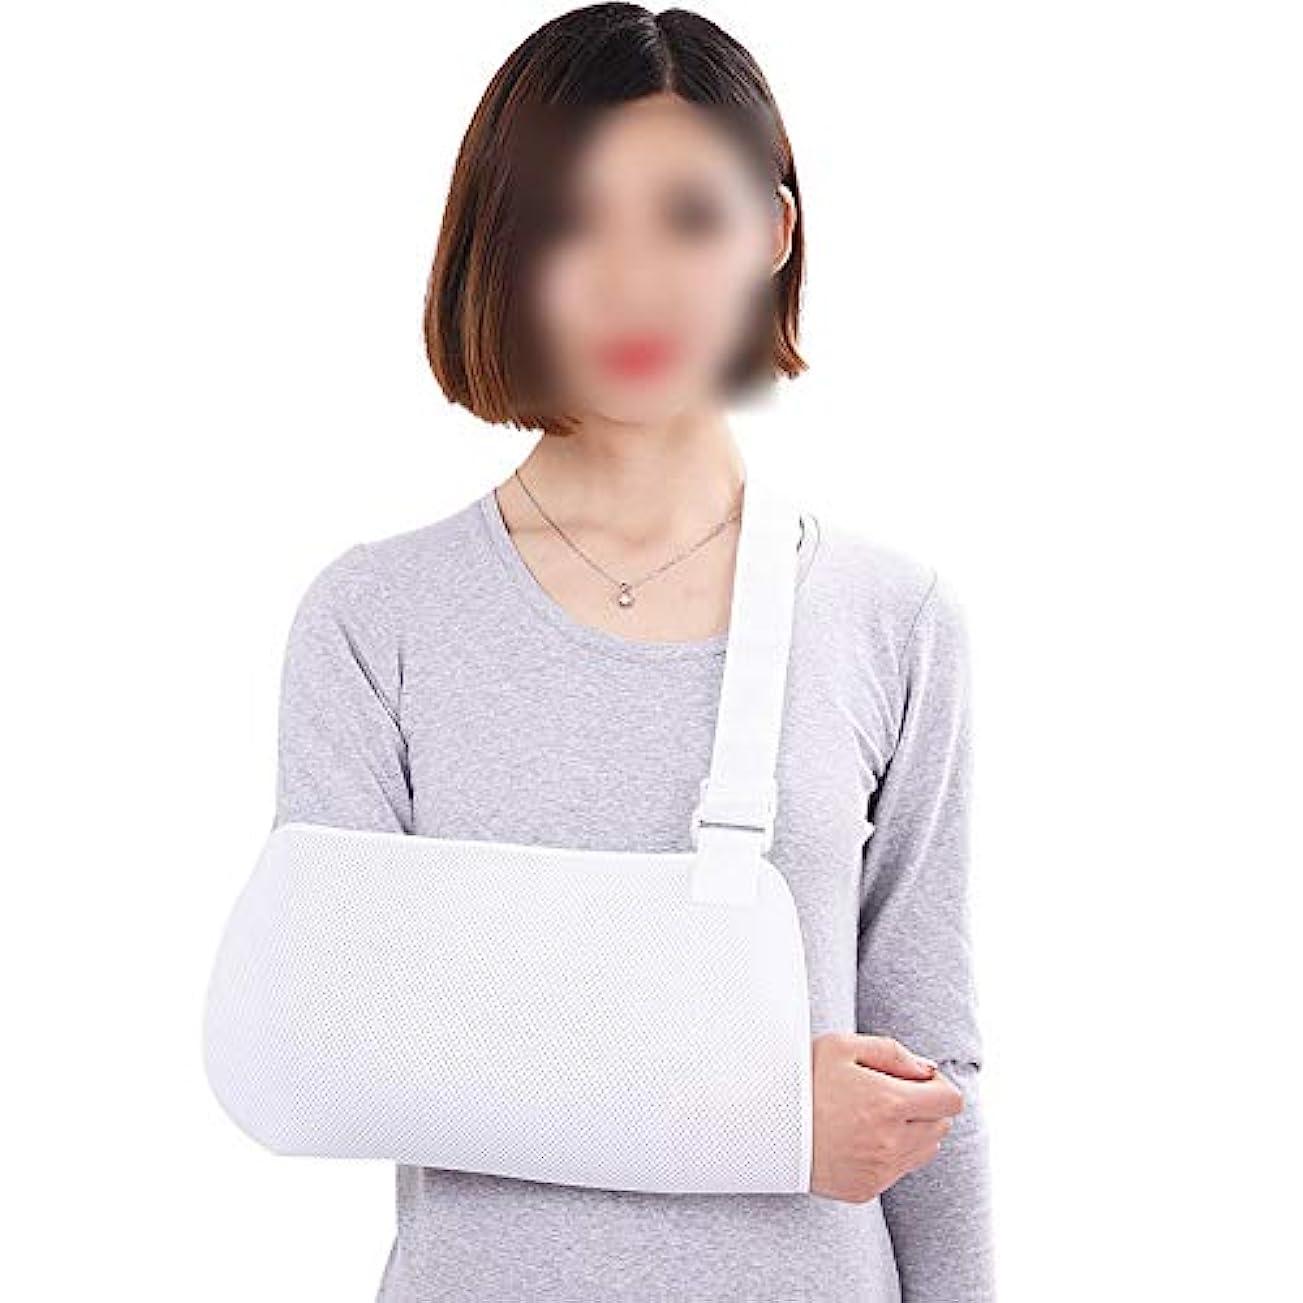 メドレービーチアシストZYL-YL ハンギングネック包帯ホワイト前腕ストラップ腕手首肘関節の肩関節骨折負傷ソリッド装具ツールアームスリング